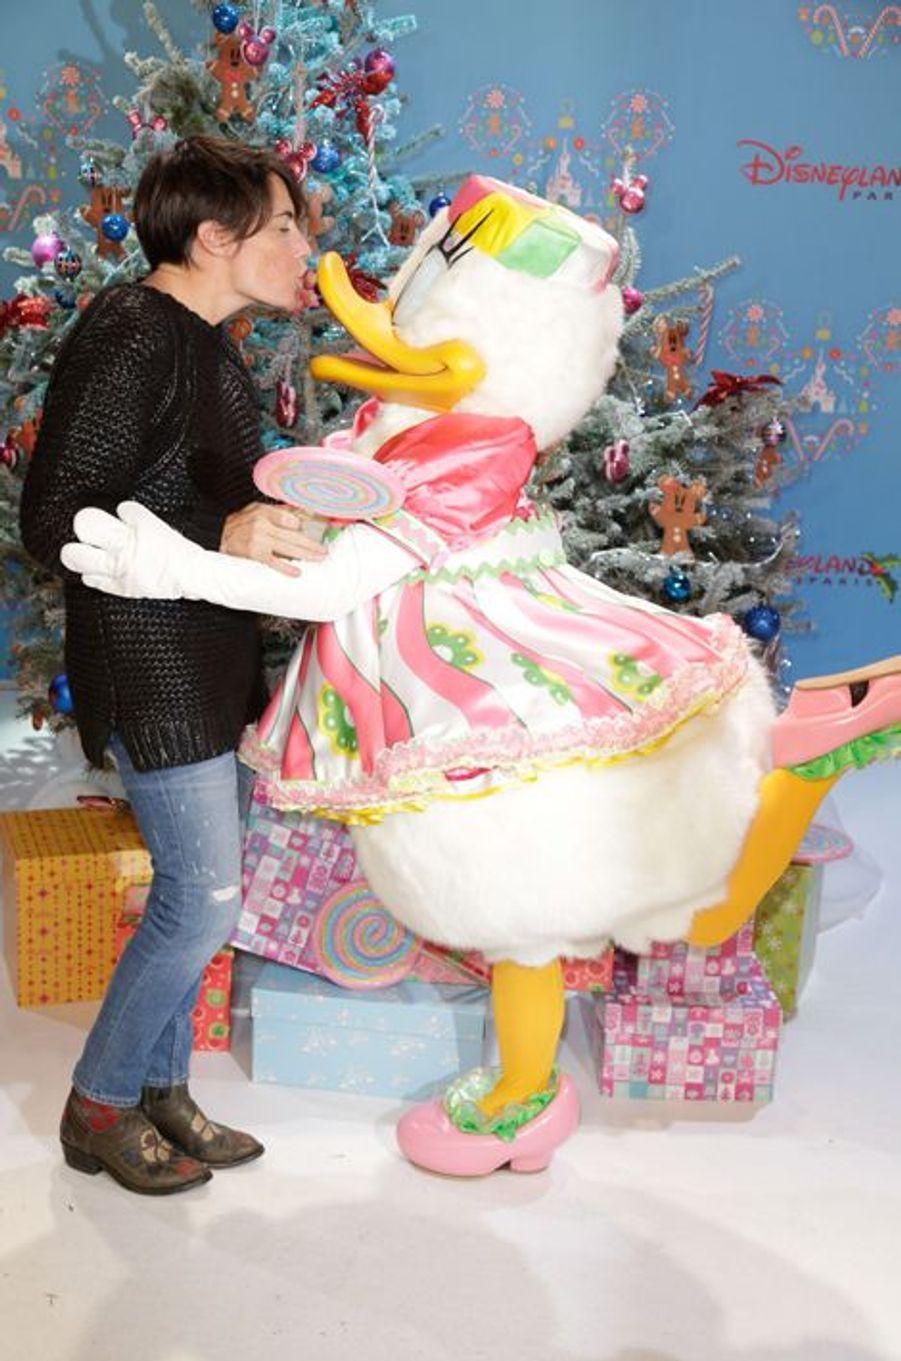 Alessandra Sublet au lancement des festivités de Noël à Disneyland Paris, le 16 novembre 2014